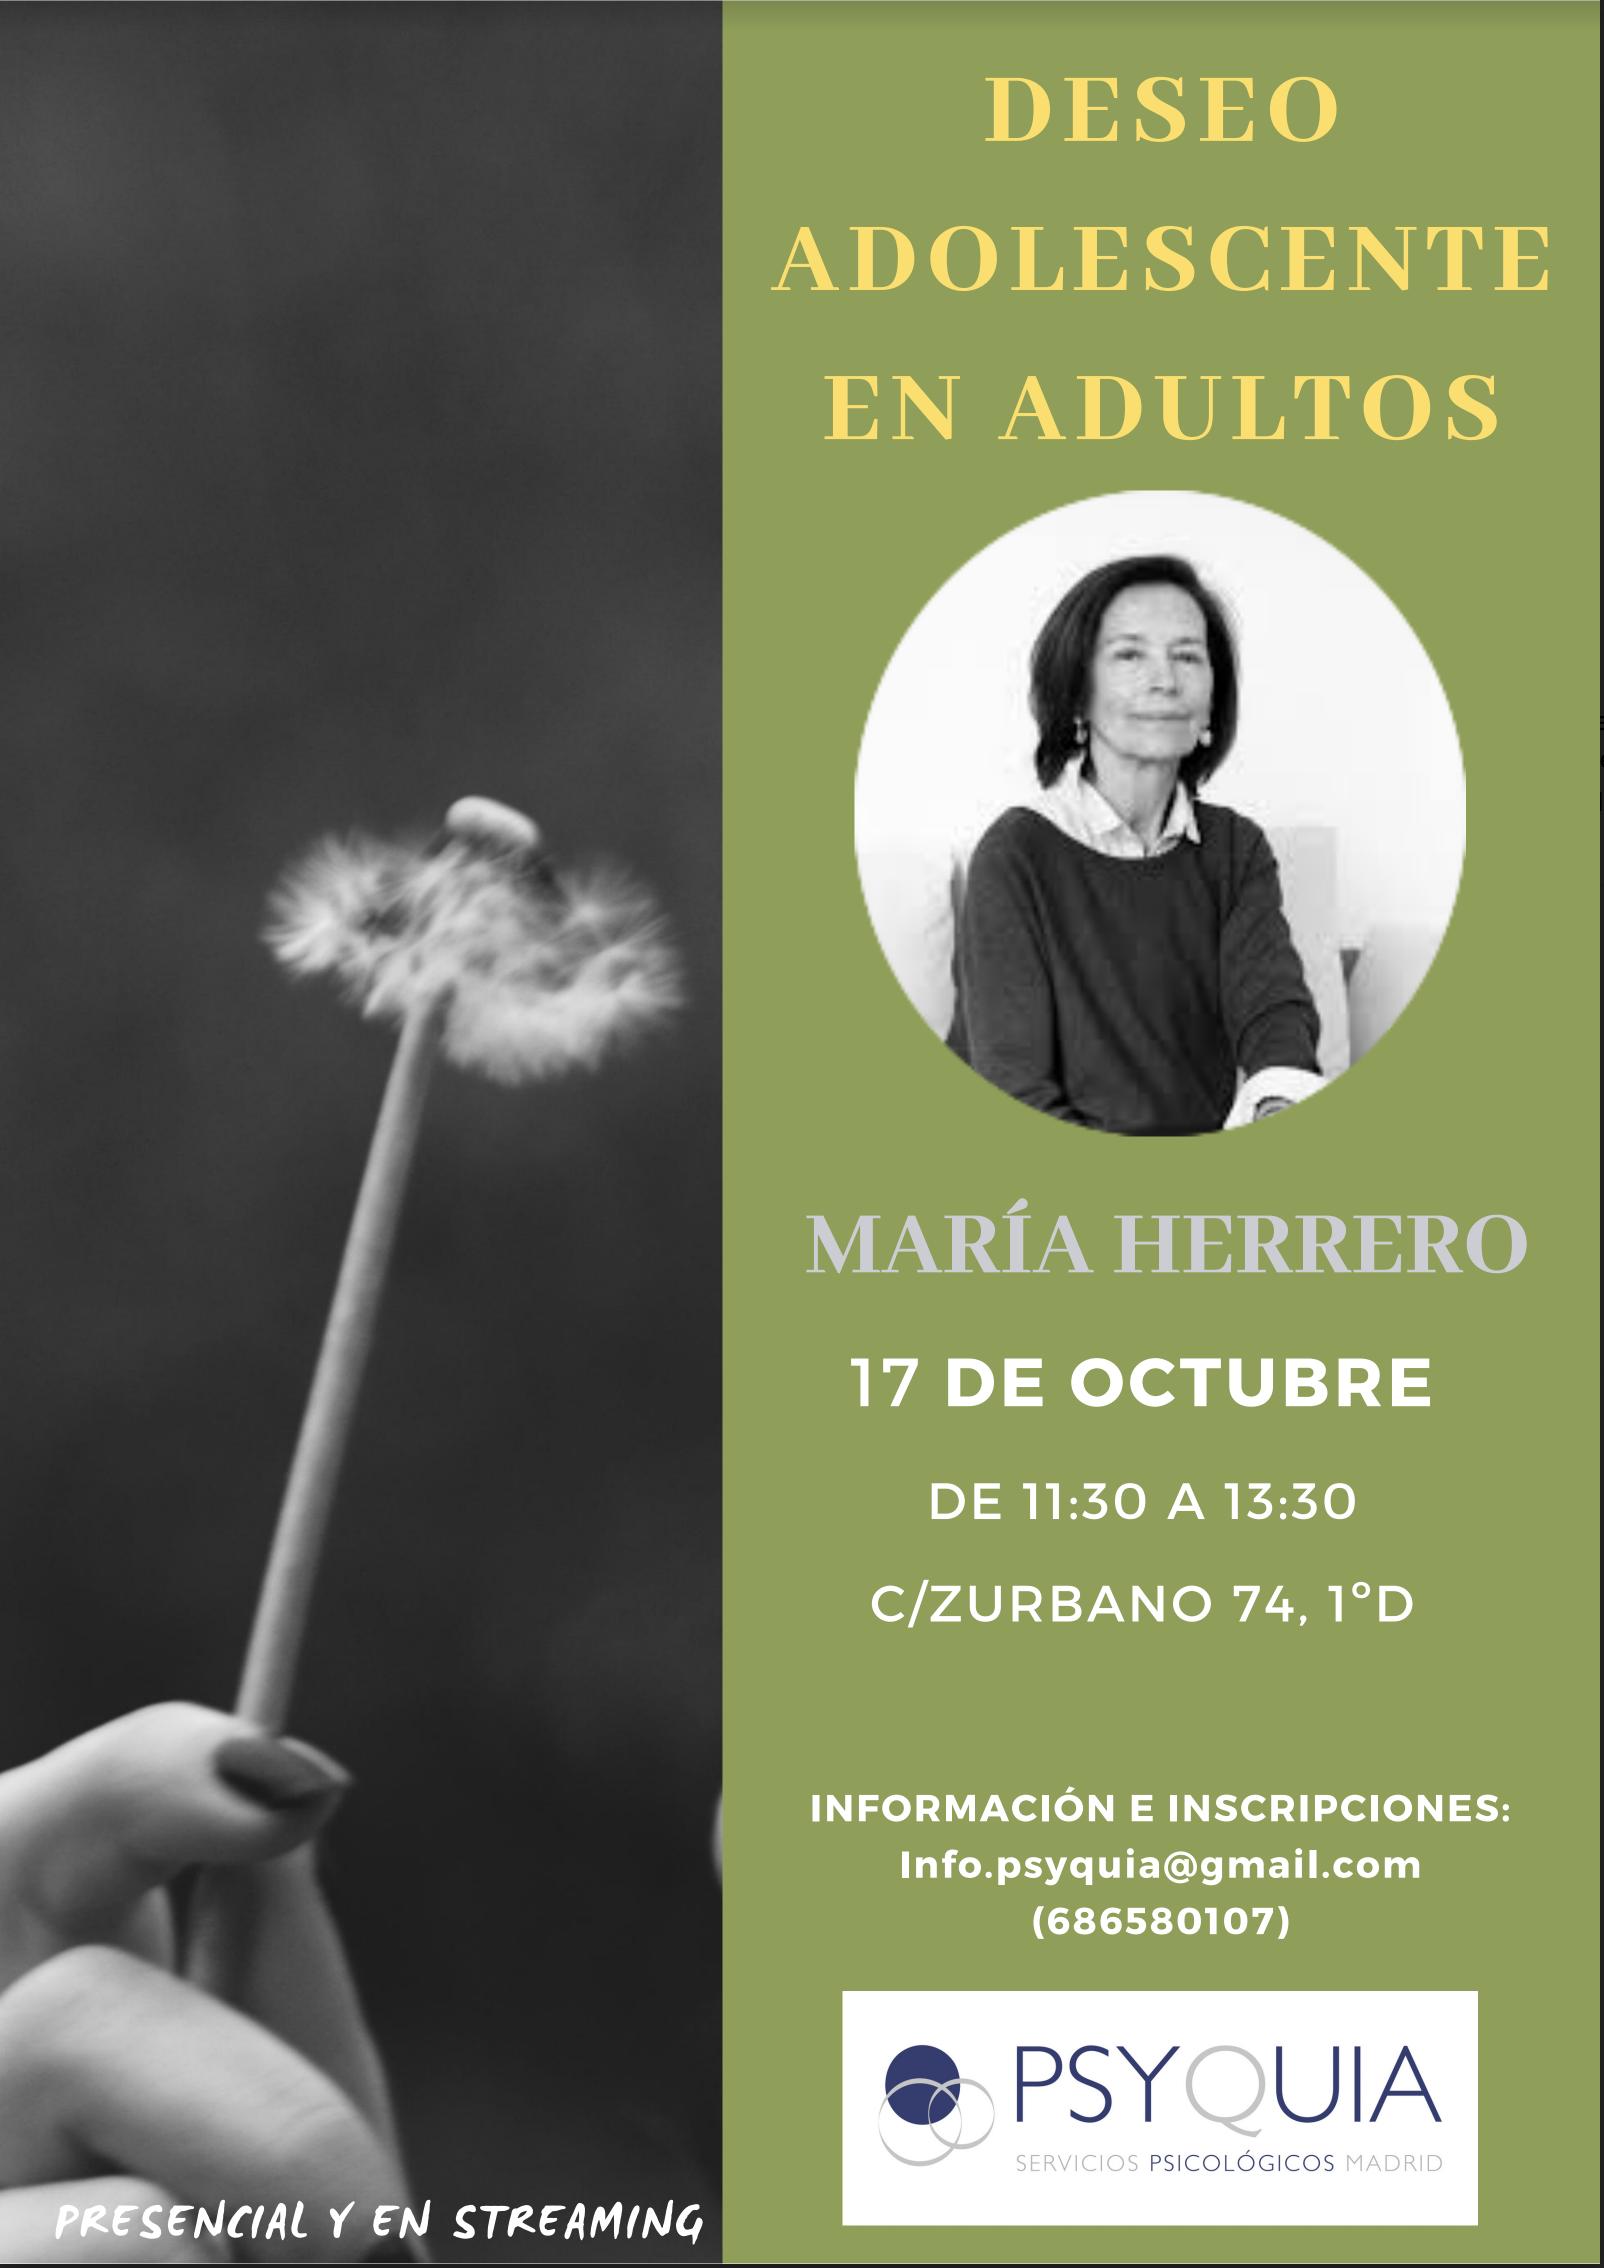 """Lección 1: El deseo adolescente en el adulto.II Ciclo """"Del deseo al goce""""2020/2021- MARÍA HERRERO."""